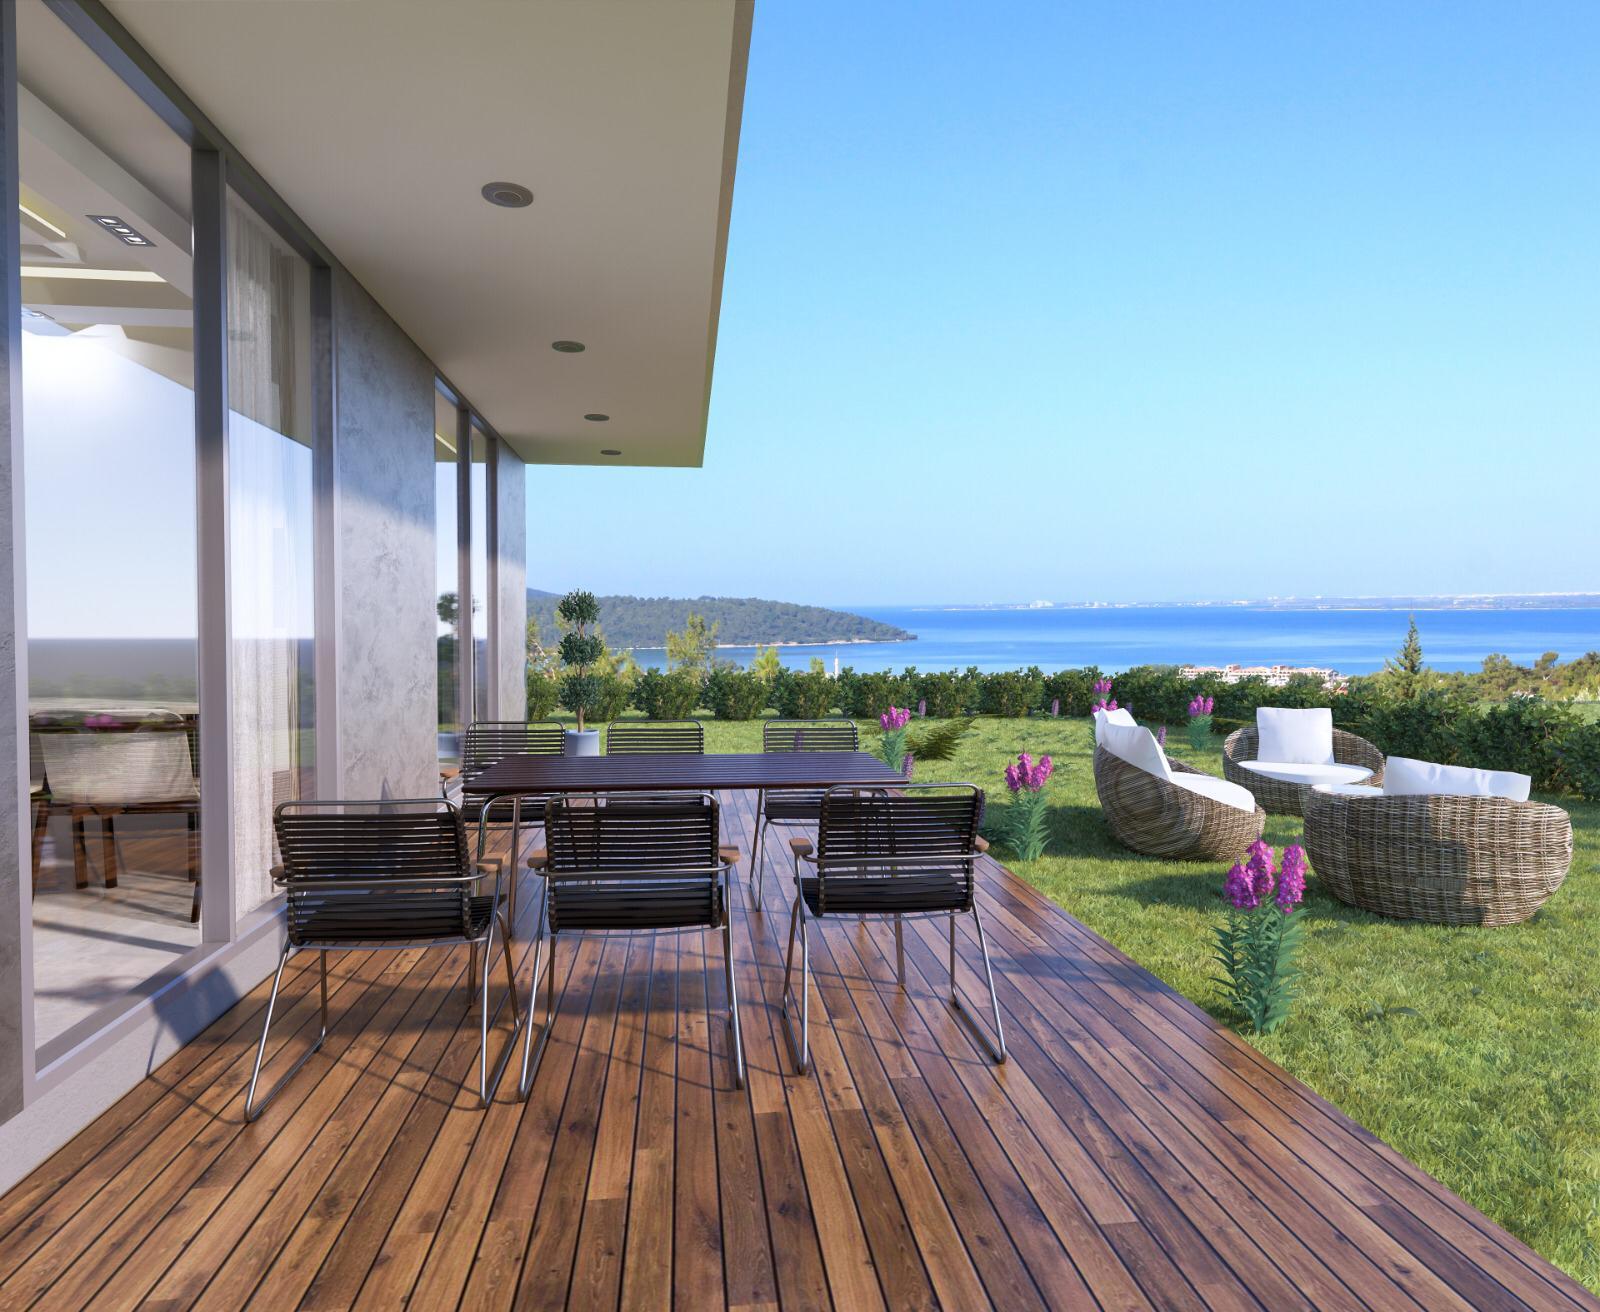 1-Bed Sea View Akbuk Apartment